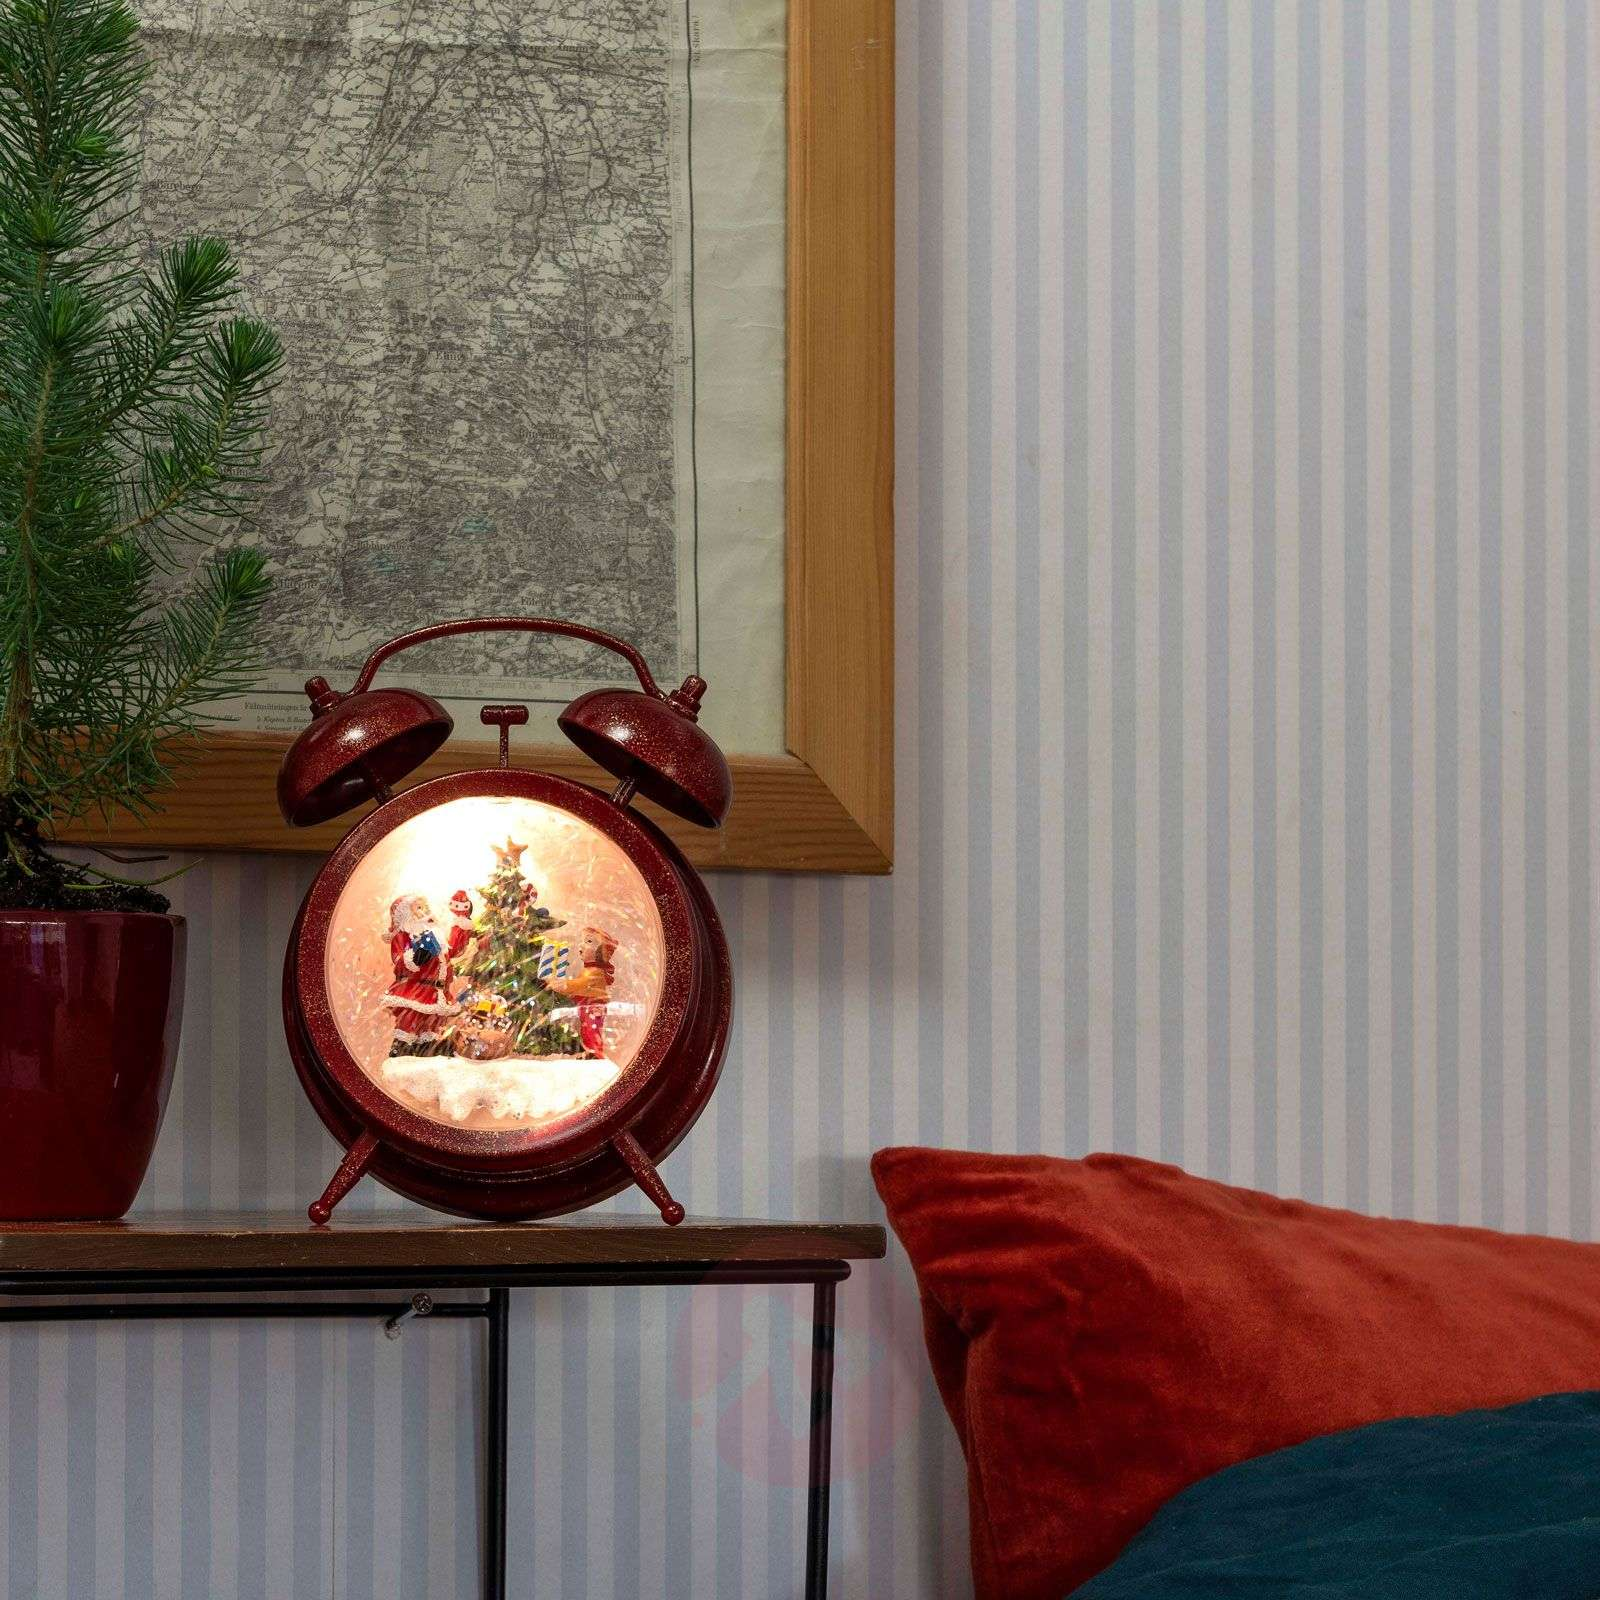 LED-koristevalo Herätyskello, ajastin ja musiikki-5524945-01